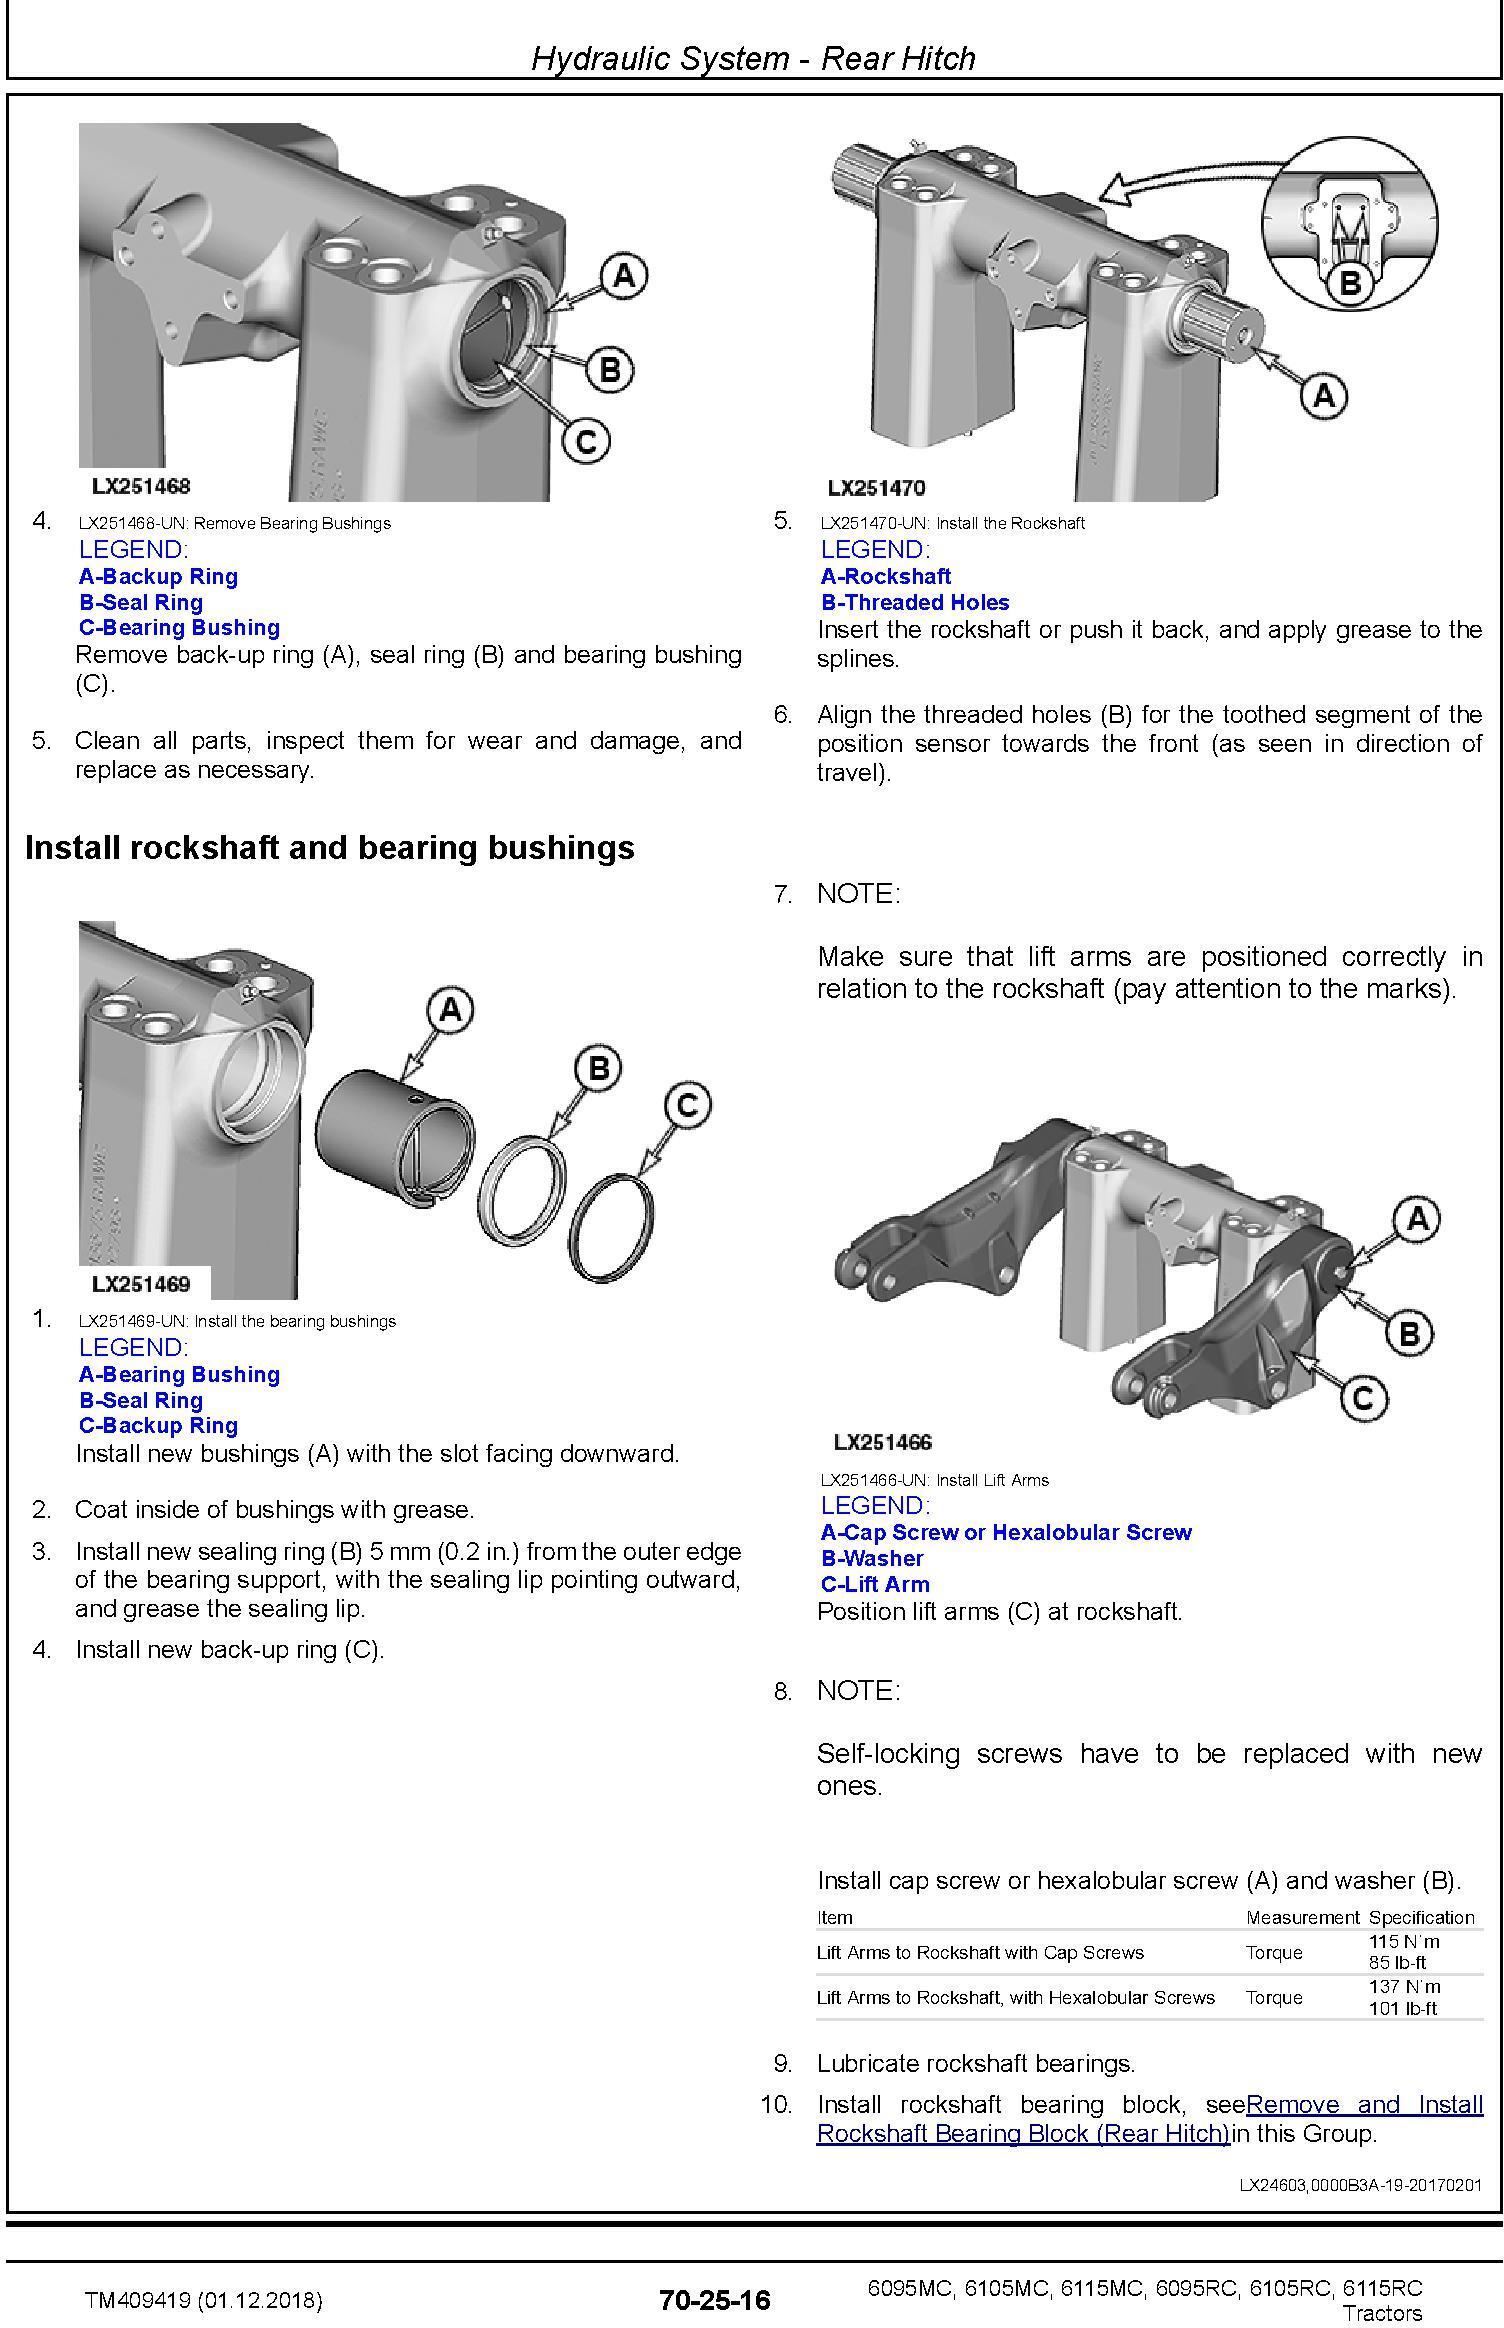 John Deere 6095MC,6105MC, 6115MC, 6095RC, 6105RC, 6115RC Tractors MY2016-17 Repair Manual (TM409419) - 3